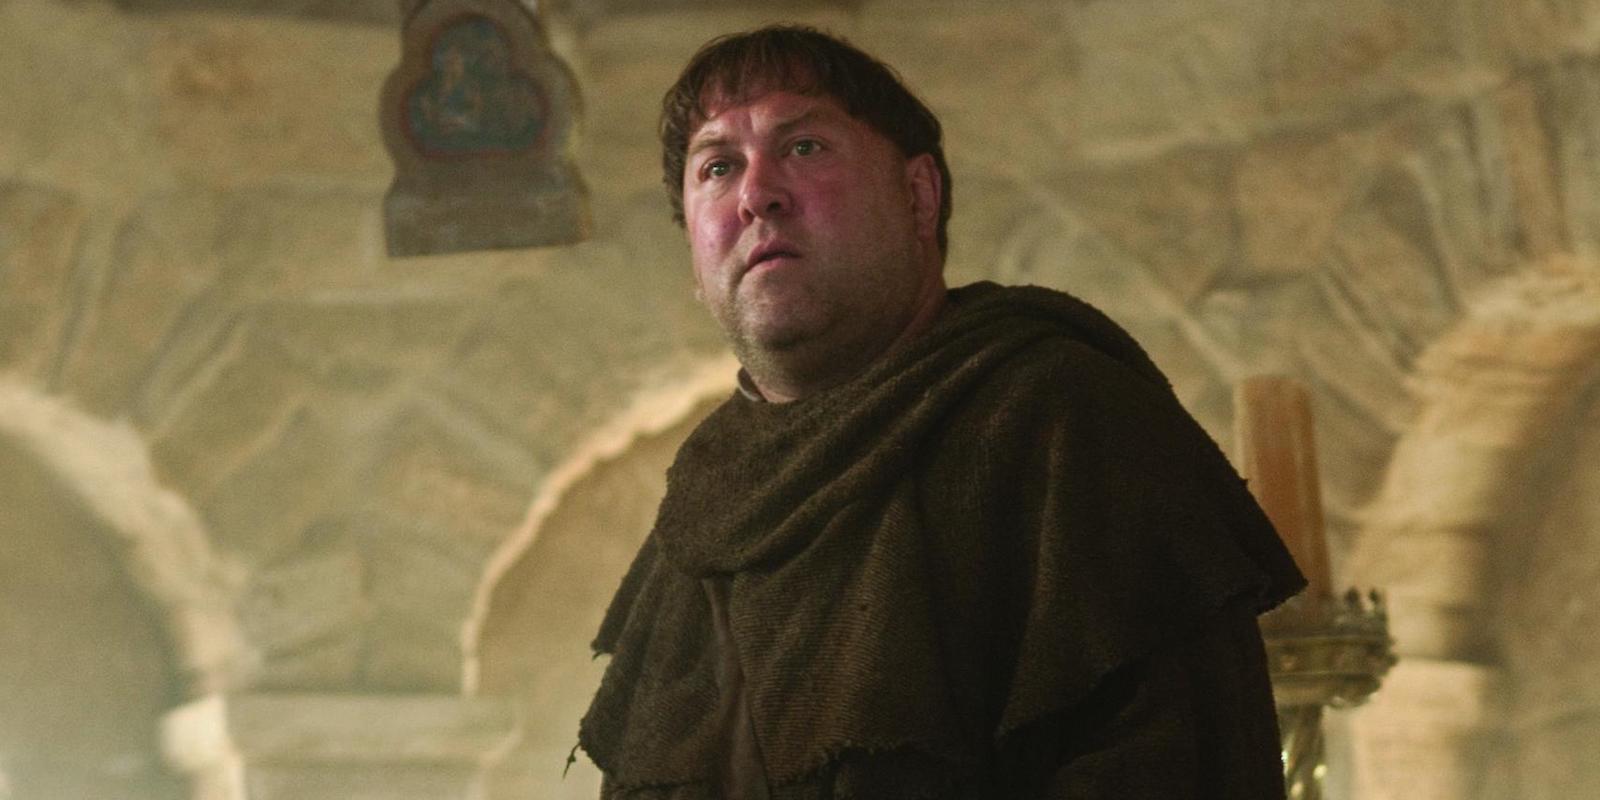 Robin Hood: Origins Casts Tim Minchin as Friar Tuck